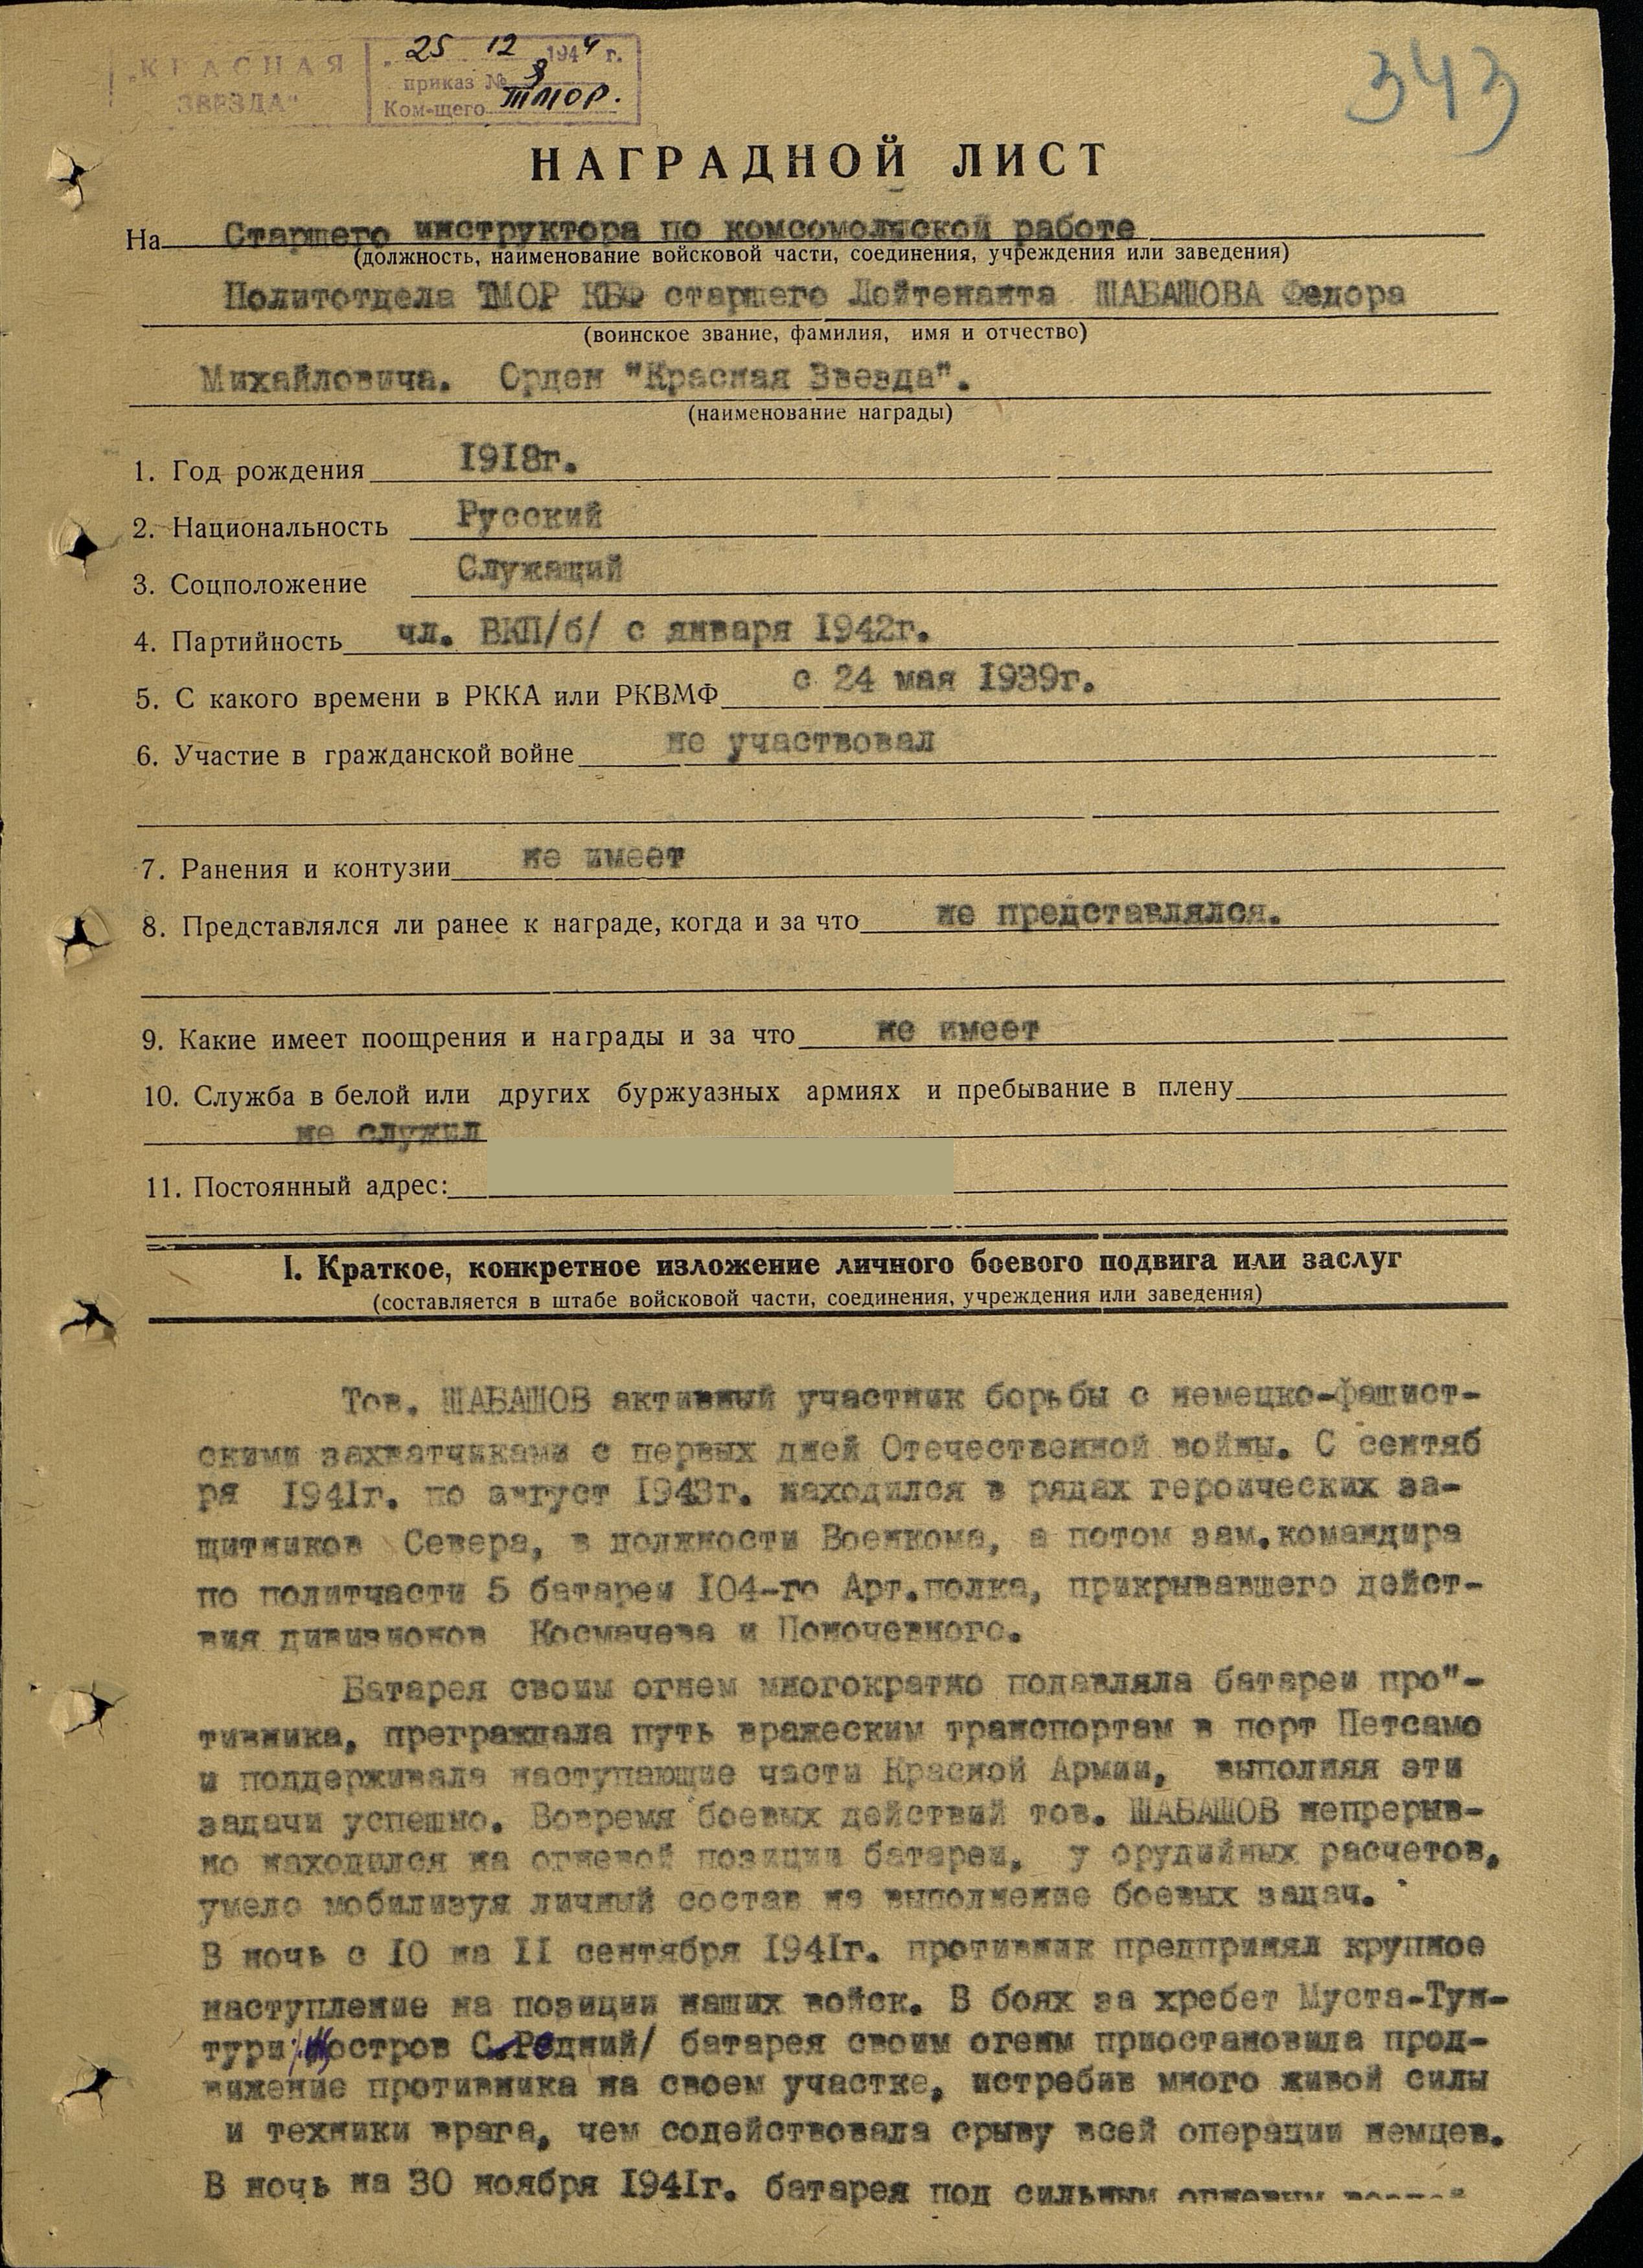 Наградной лист Шабашова Федора Михайловича орденом Красной Звезды